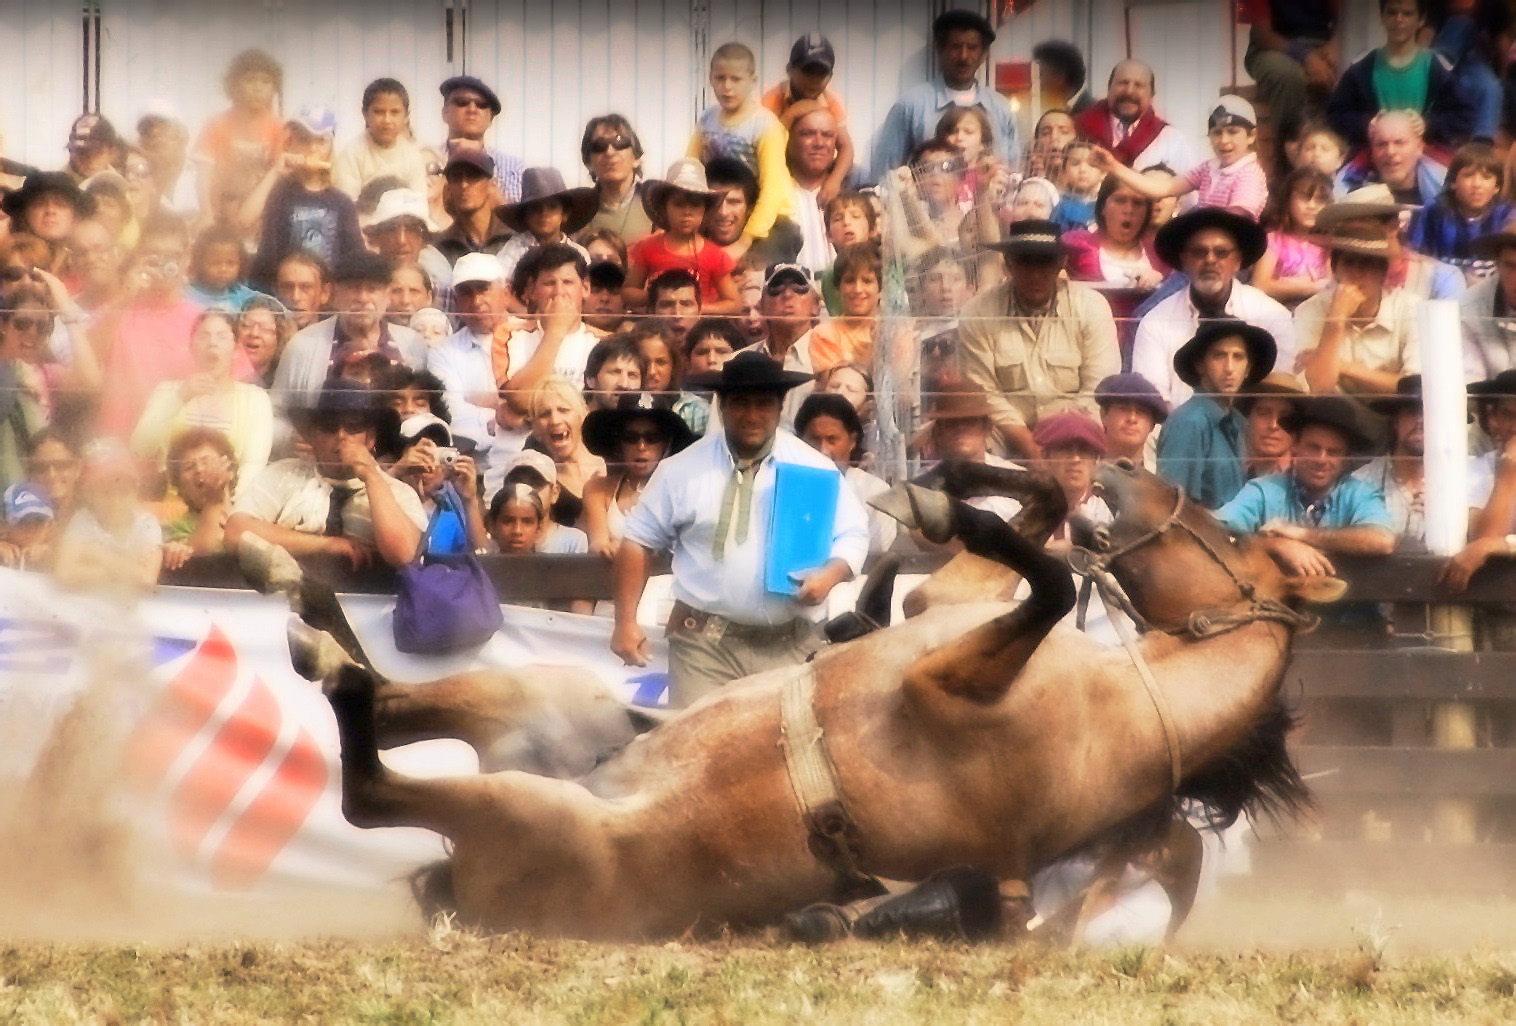 Foto de archivo, tomada por Eduardo Amorim (flickr.com) en la Criolla del Prado 2010